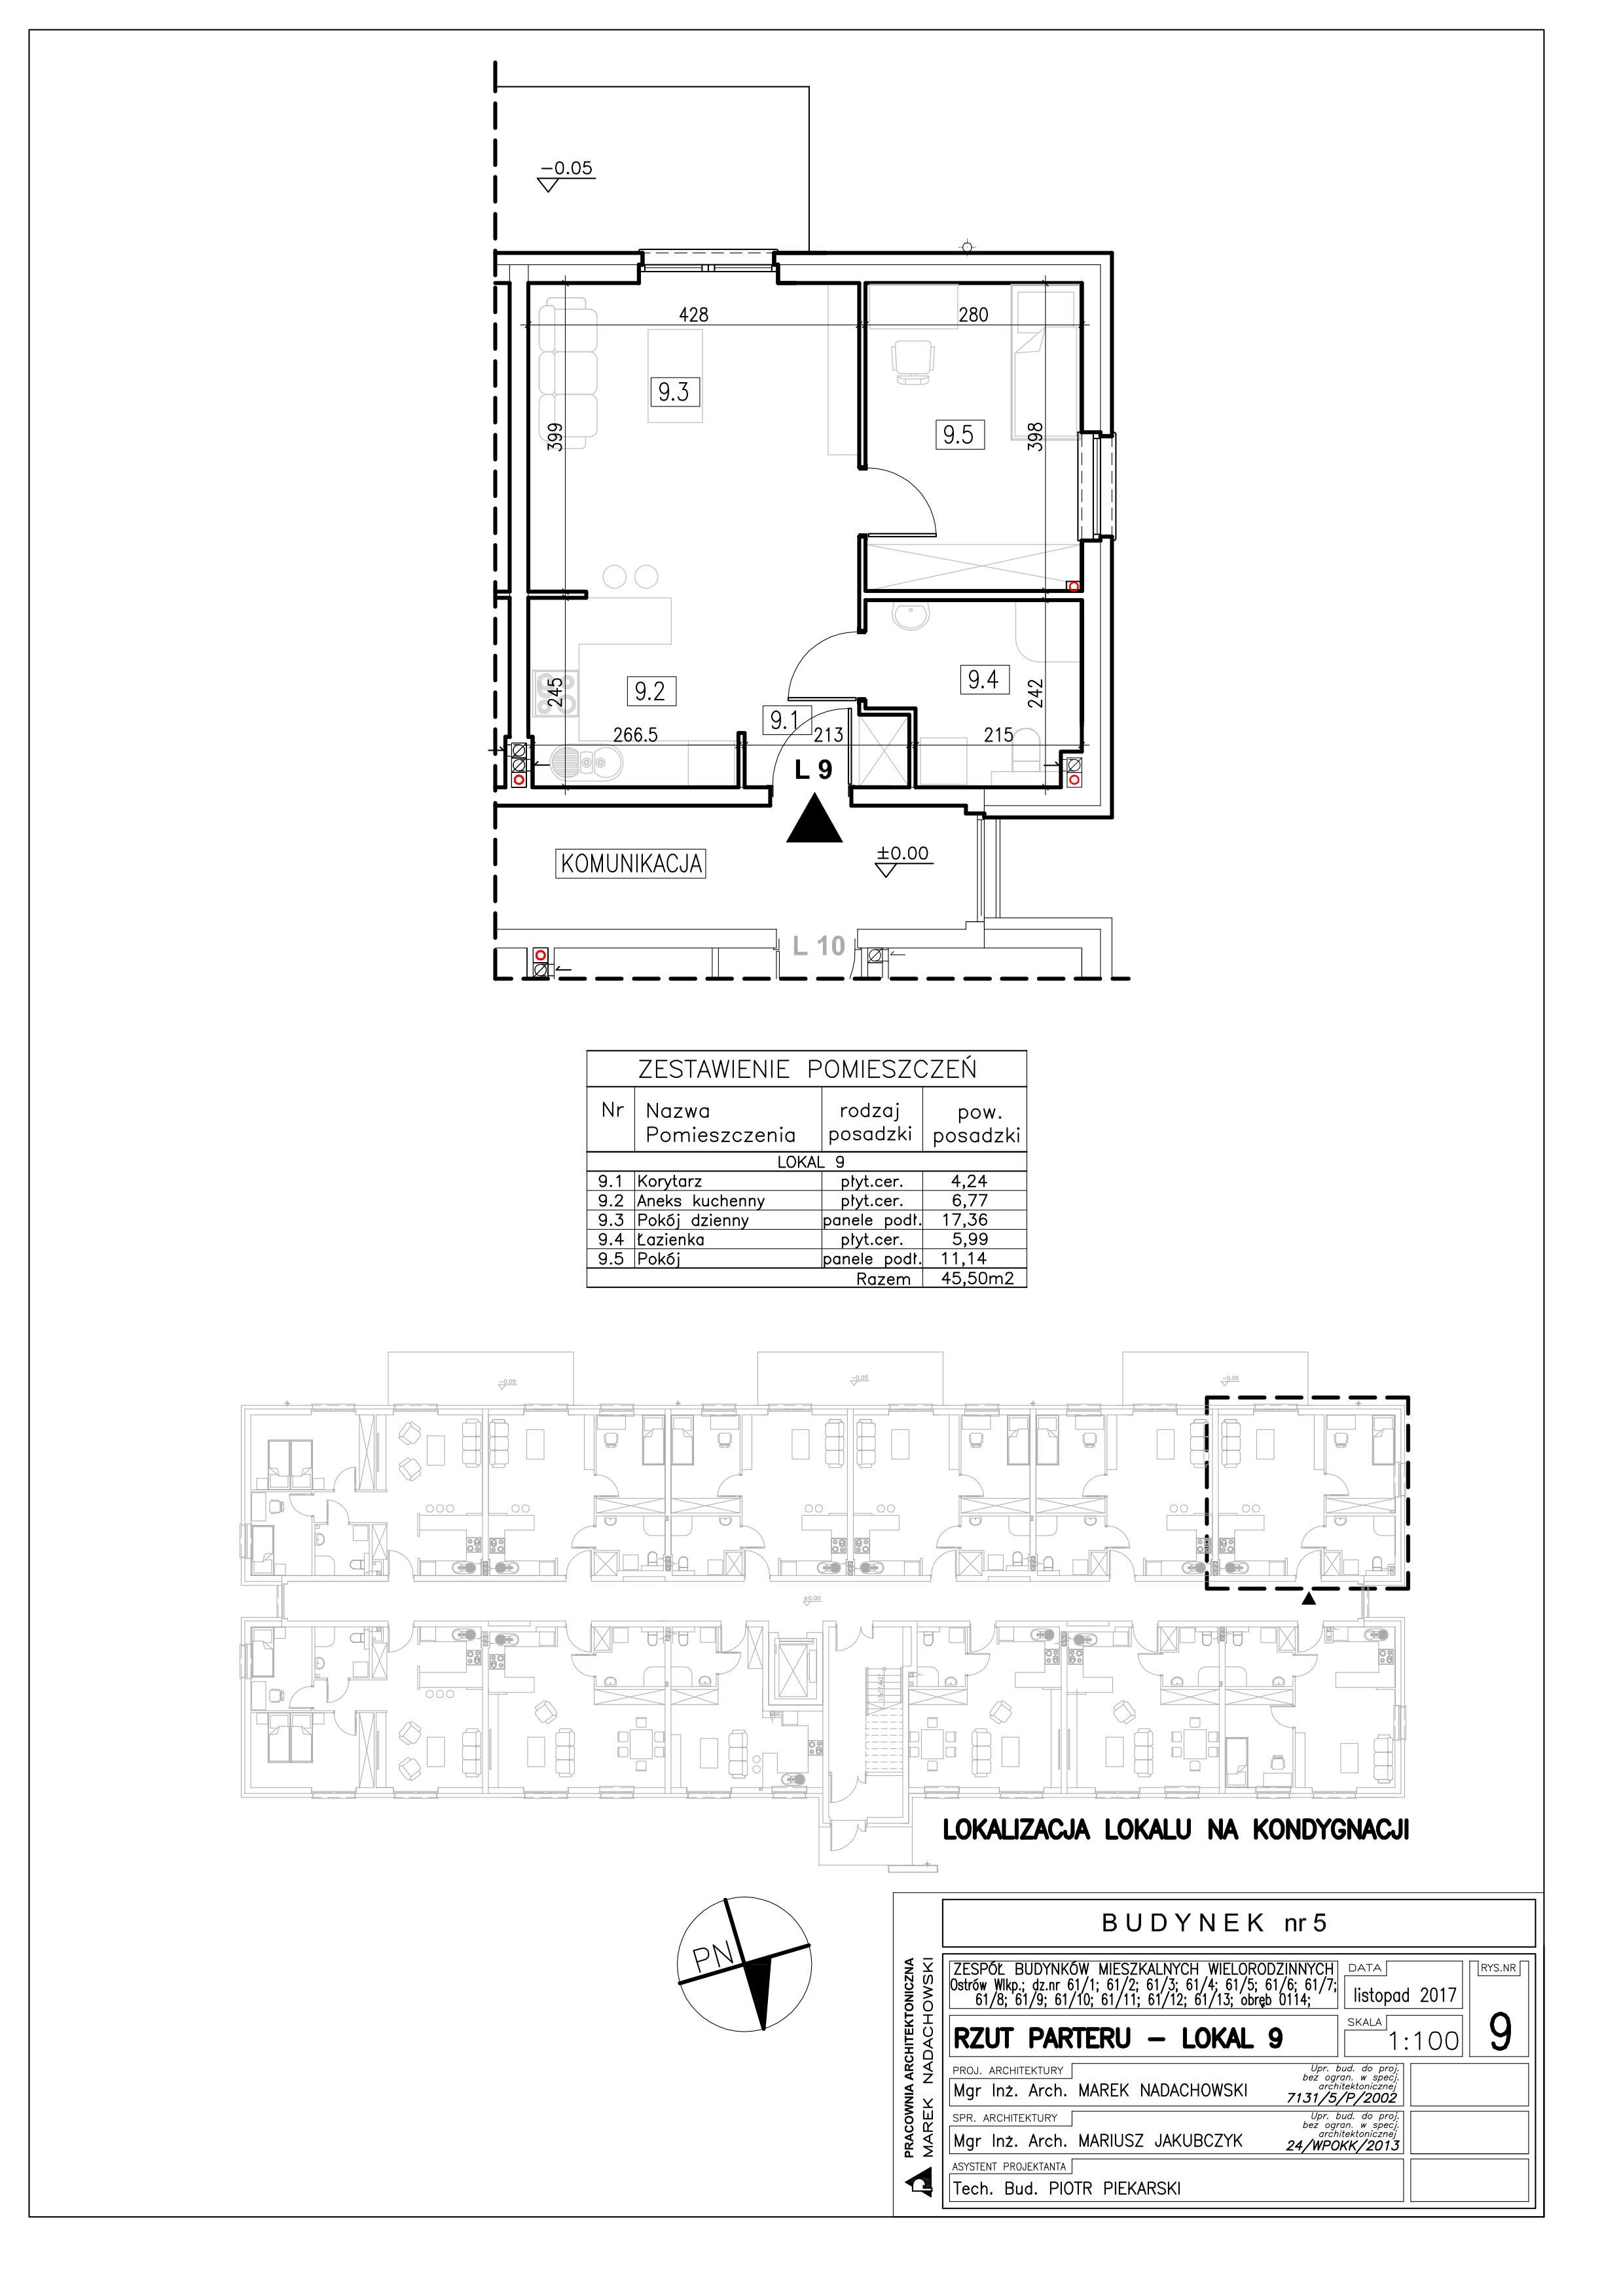 Lokal nr 9 Powierzchnia: 45,50 m2